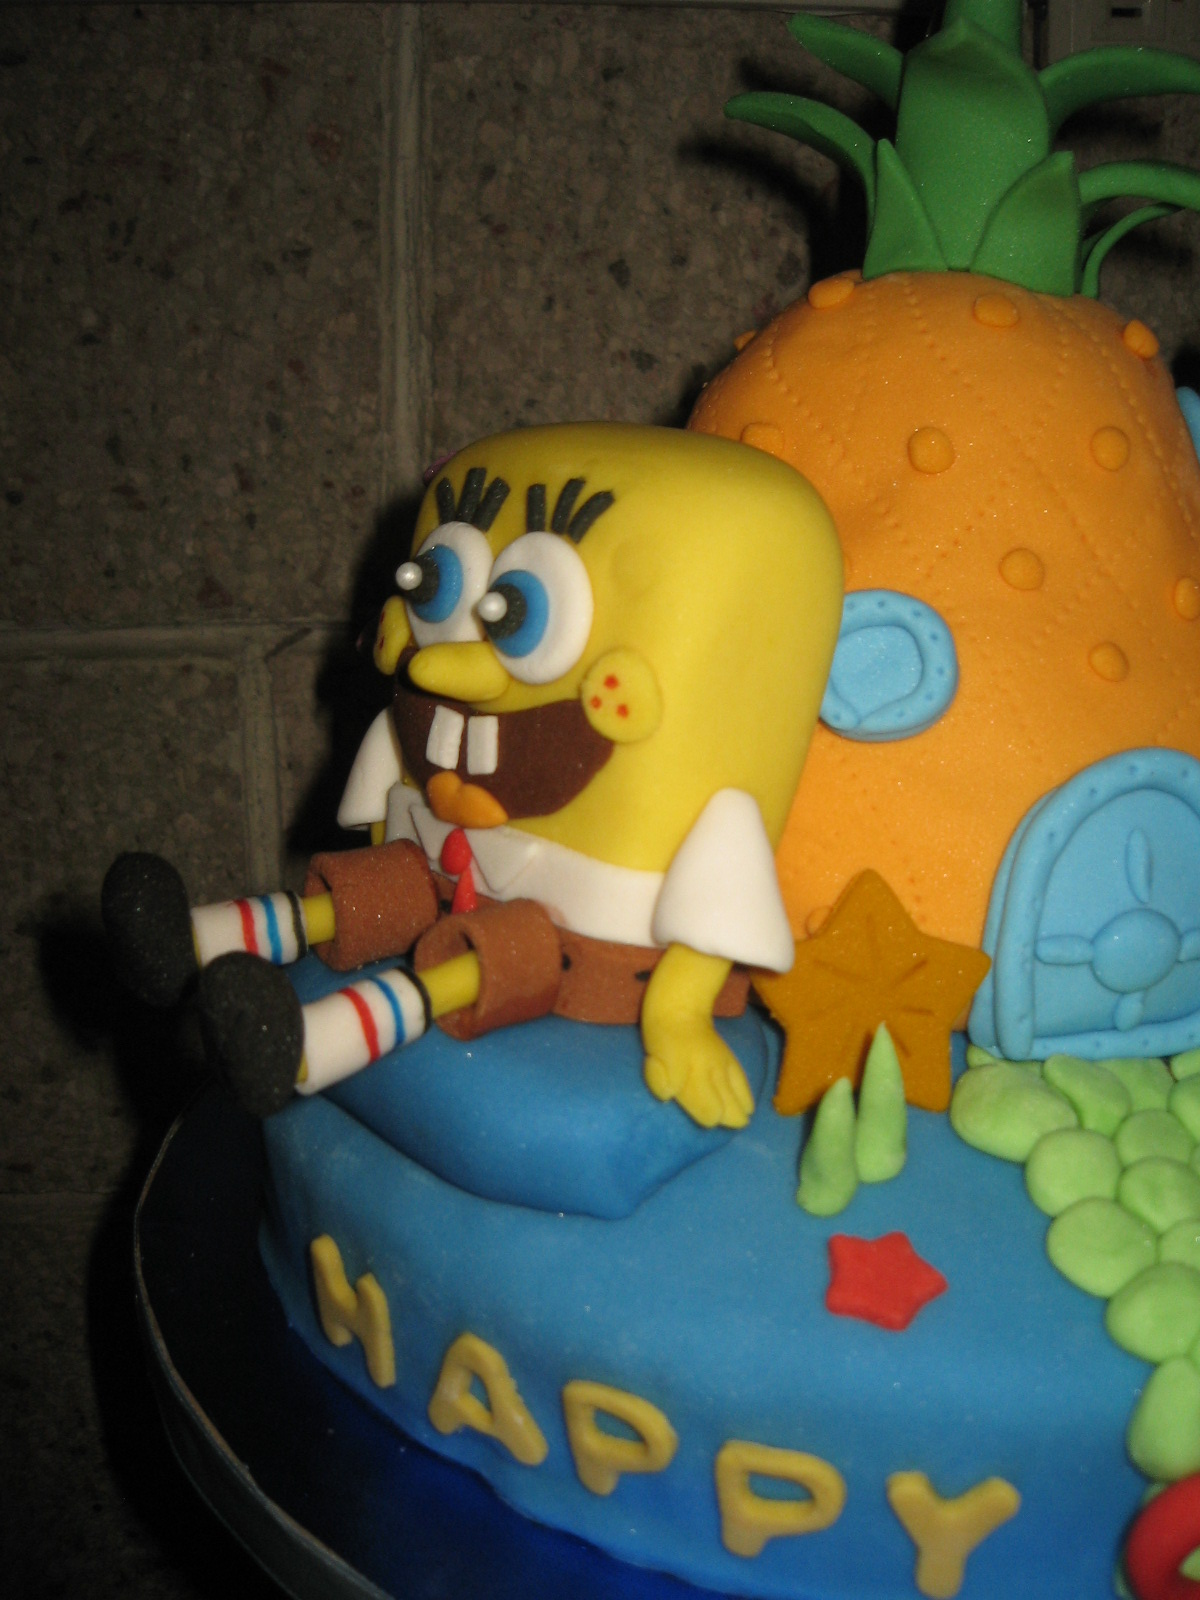 Krazzy Cakes Spongebob Cake